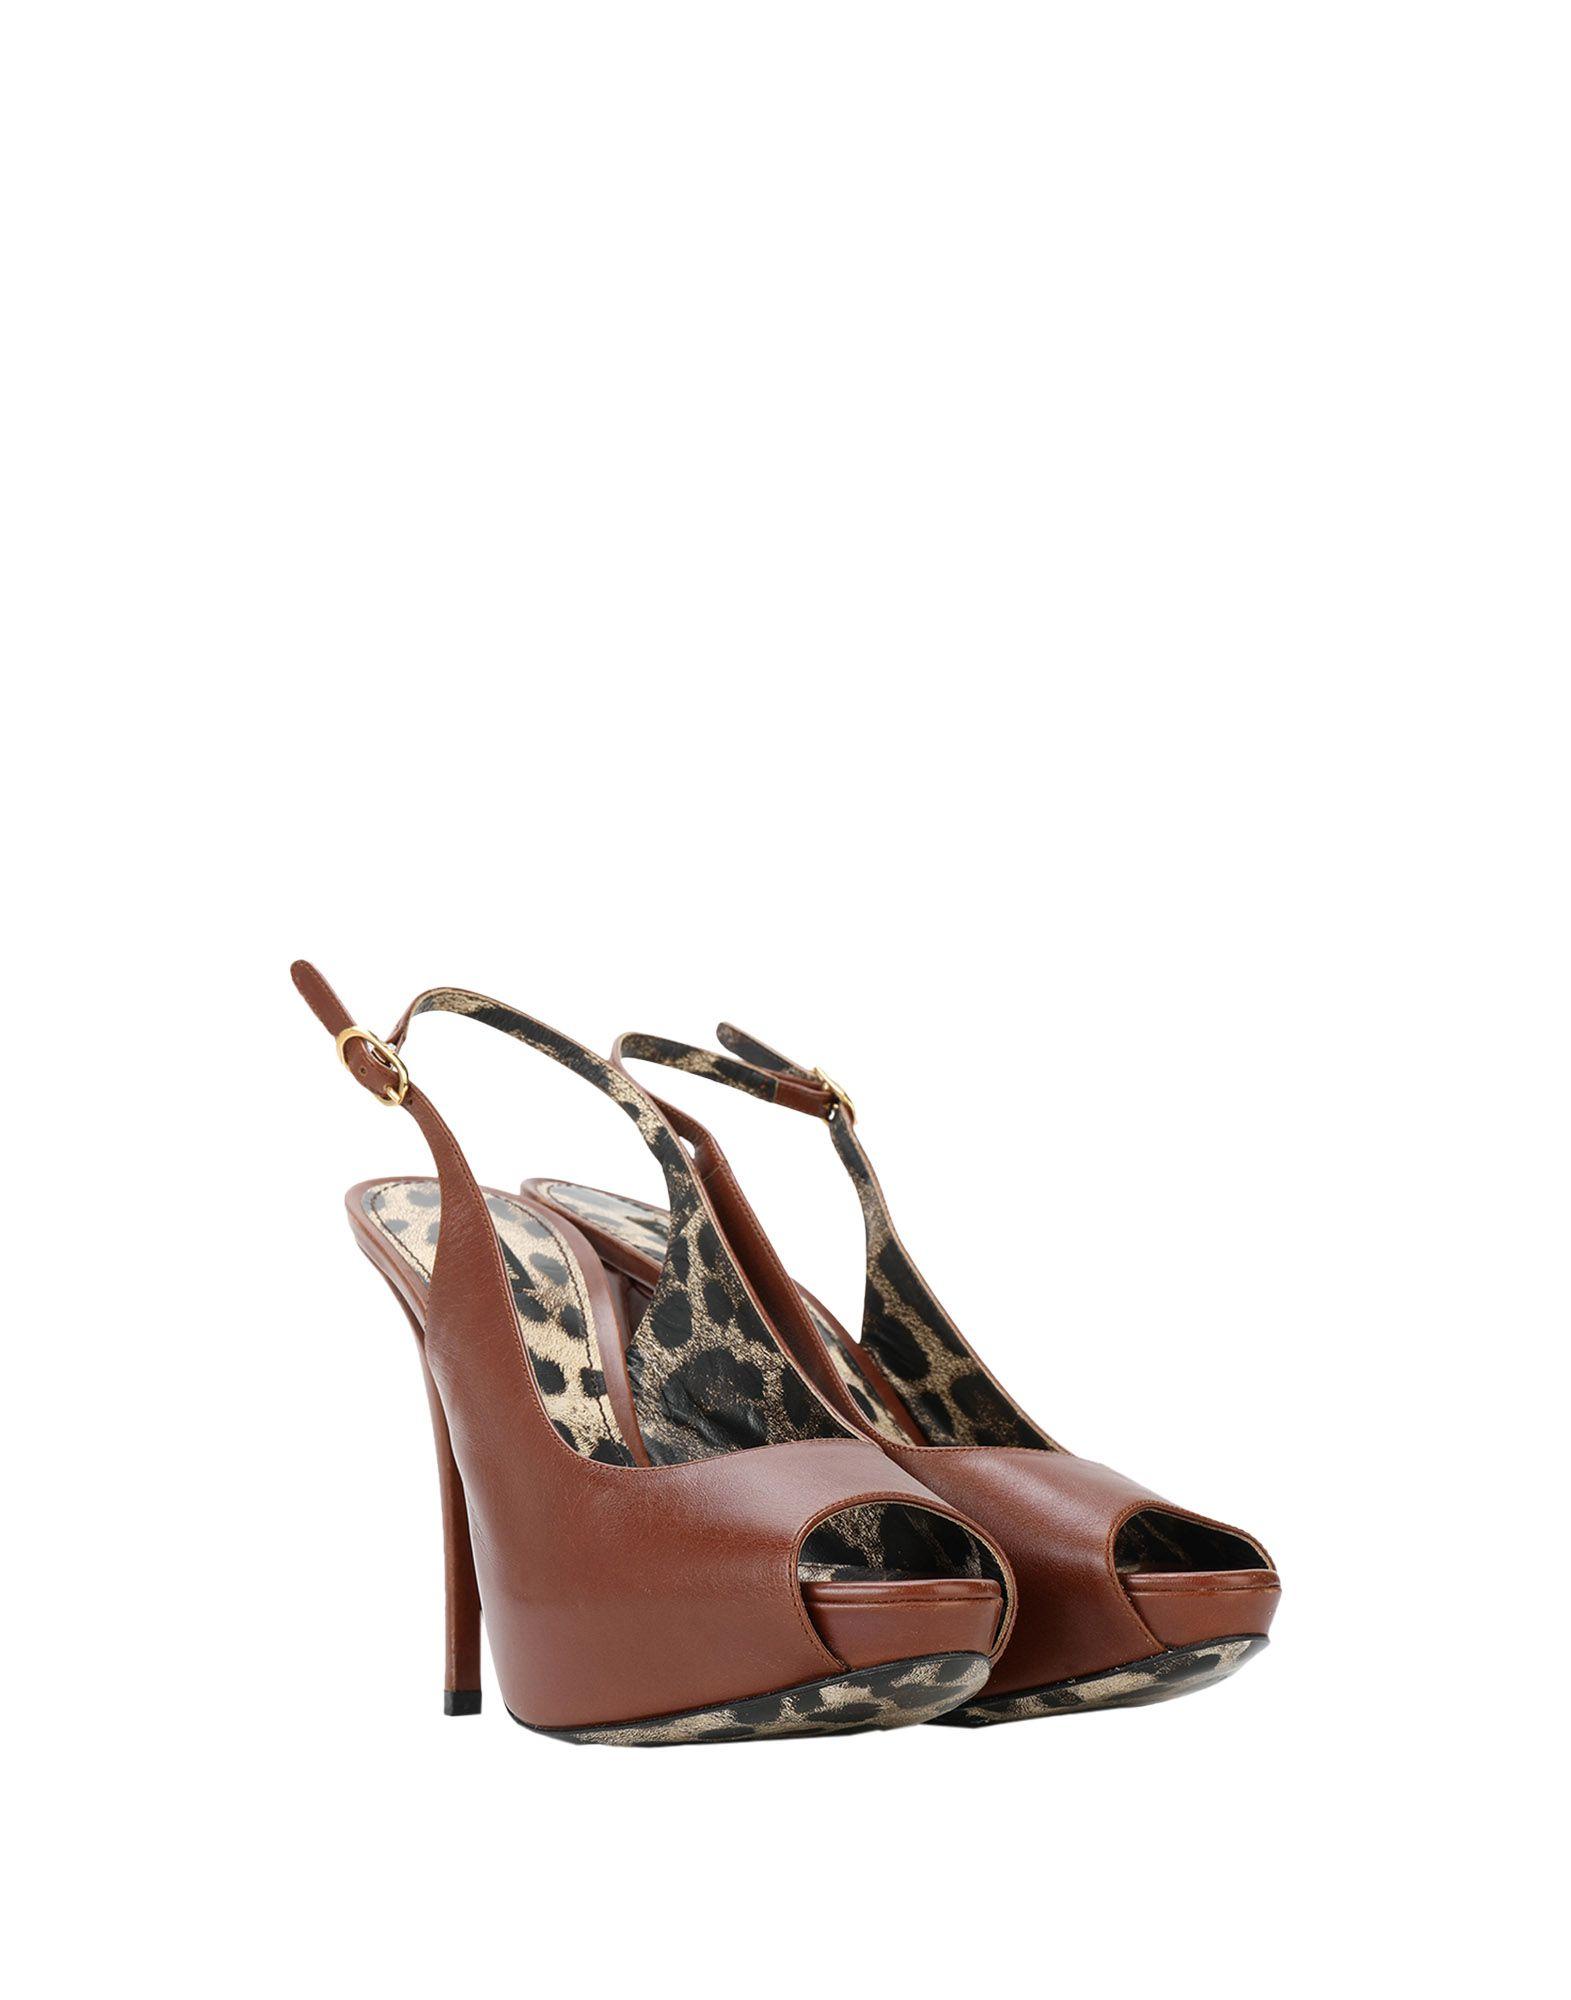 Dolce & Gabbana Sandalen aussehende Damen  11308802MRGünstige gut aussehende Sandalen Schuhe f9ac55